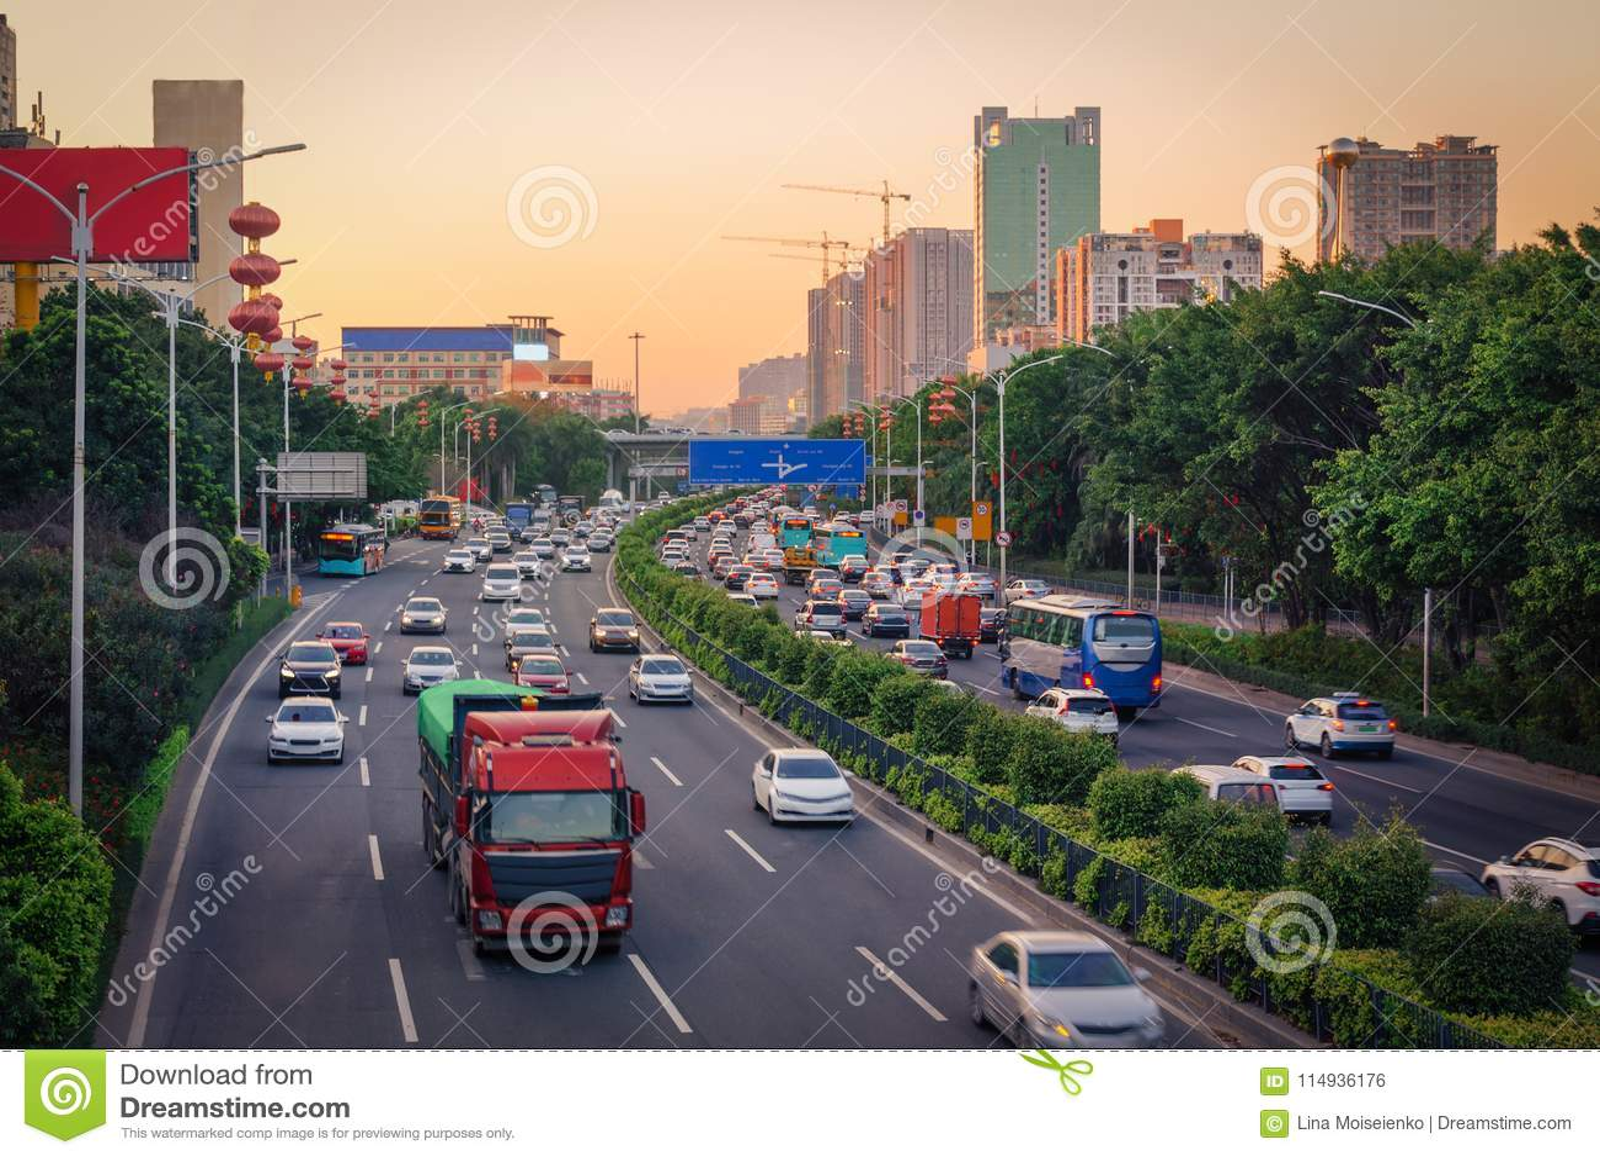 Ώρα κυκλοφοριακής αιχμής βραδιού στη μεγάλη πόλη, κυκλοφοριακή συμφόρηση από πολλά αυτοκίνητα στο διαιρεμένο δρόμο εθνικών οδών,